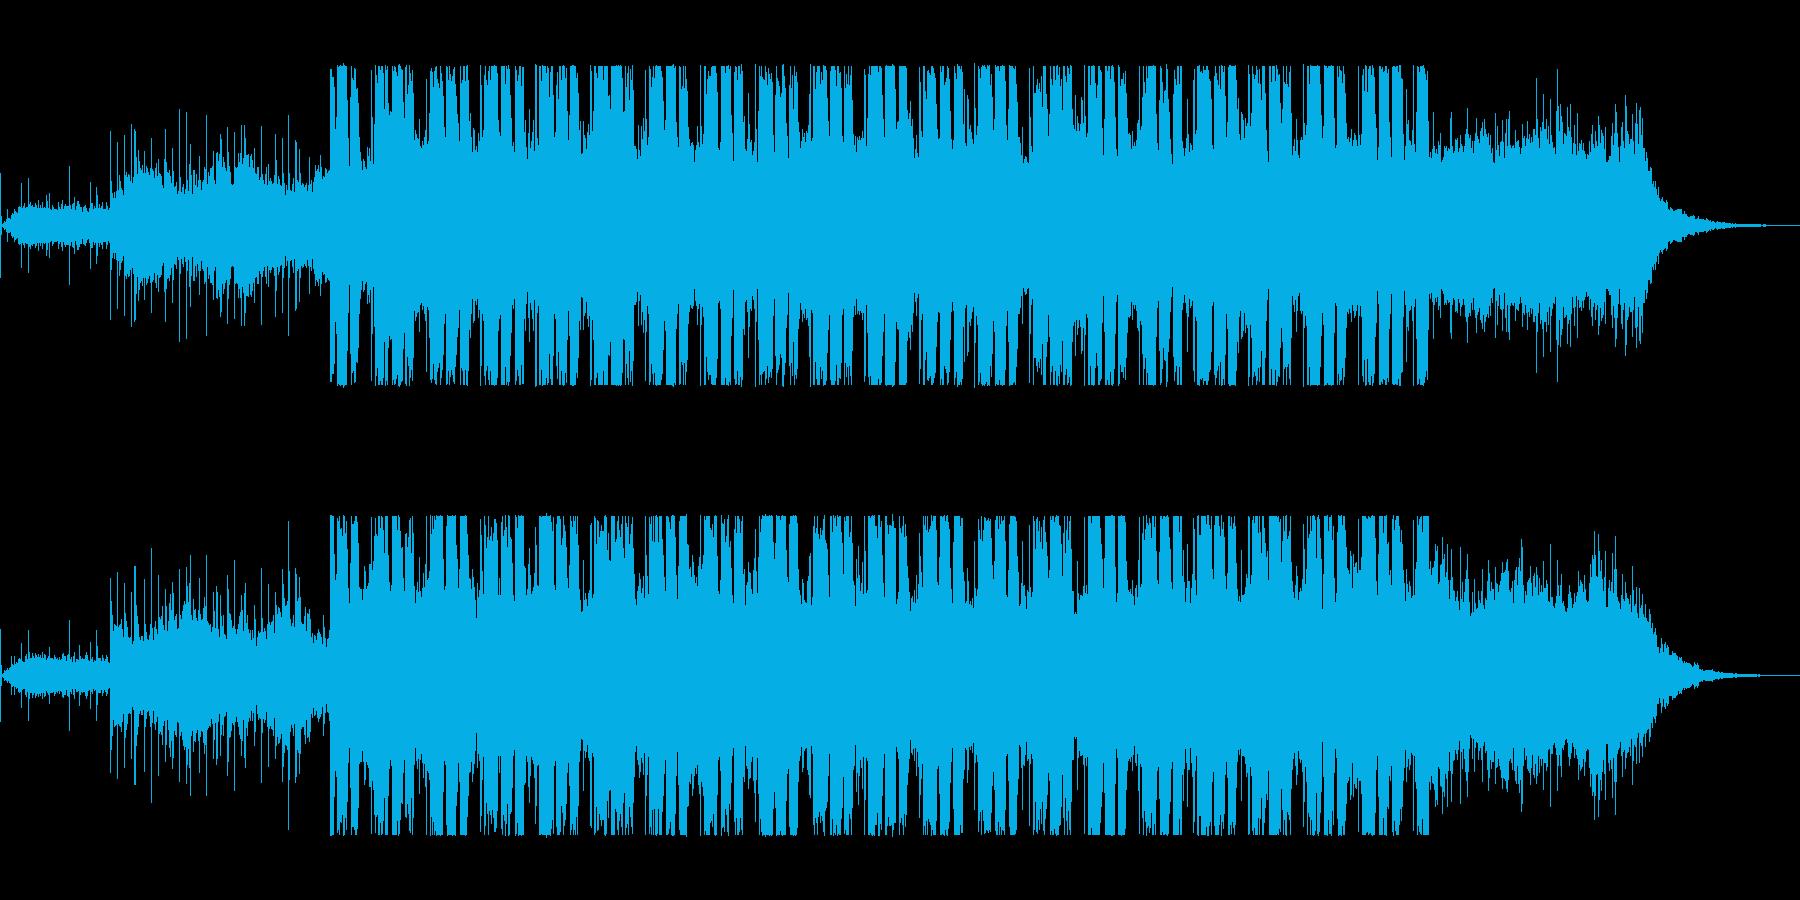 まろやかでマイナ―なシンセサウンドの再生済みの波形